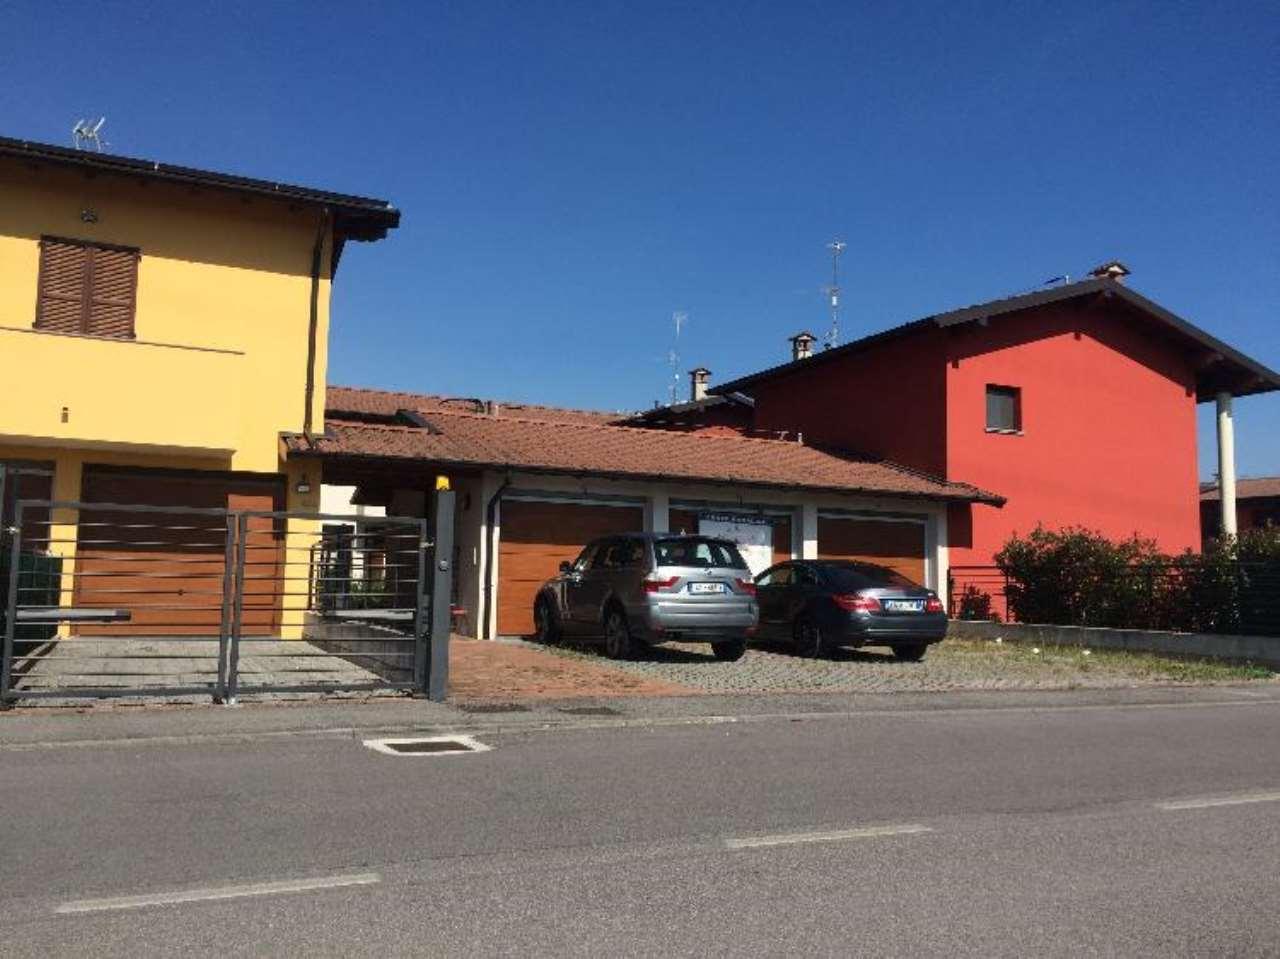 Appartamento in vendita a Pozzaglio ed Uniti, 3 locali, prezzo € 156.000 | Cambio Casa.it